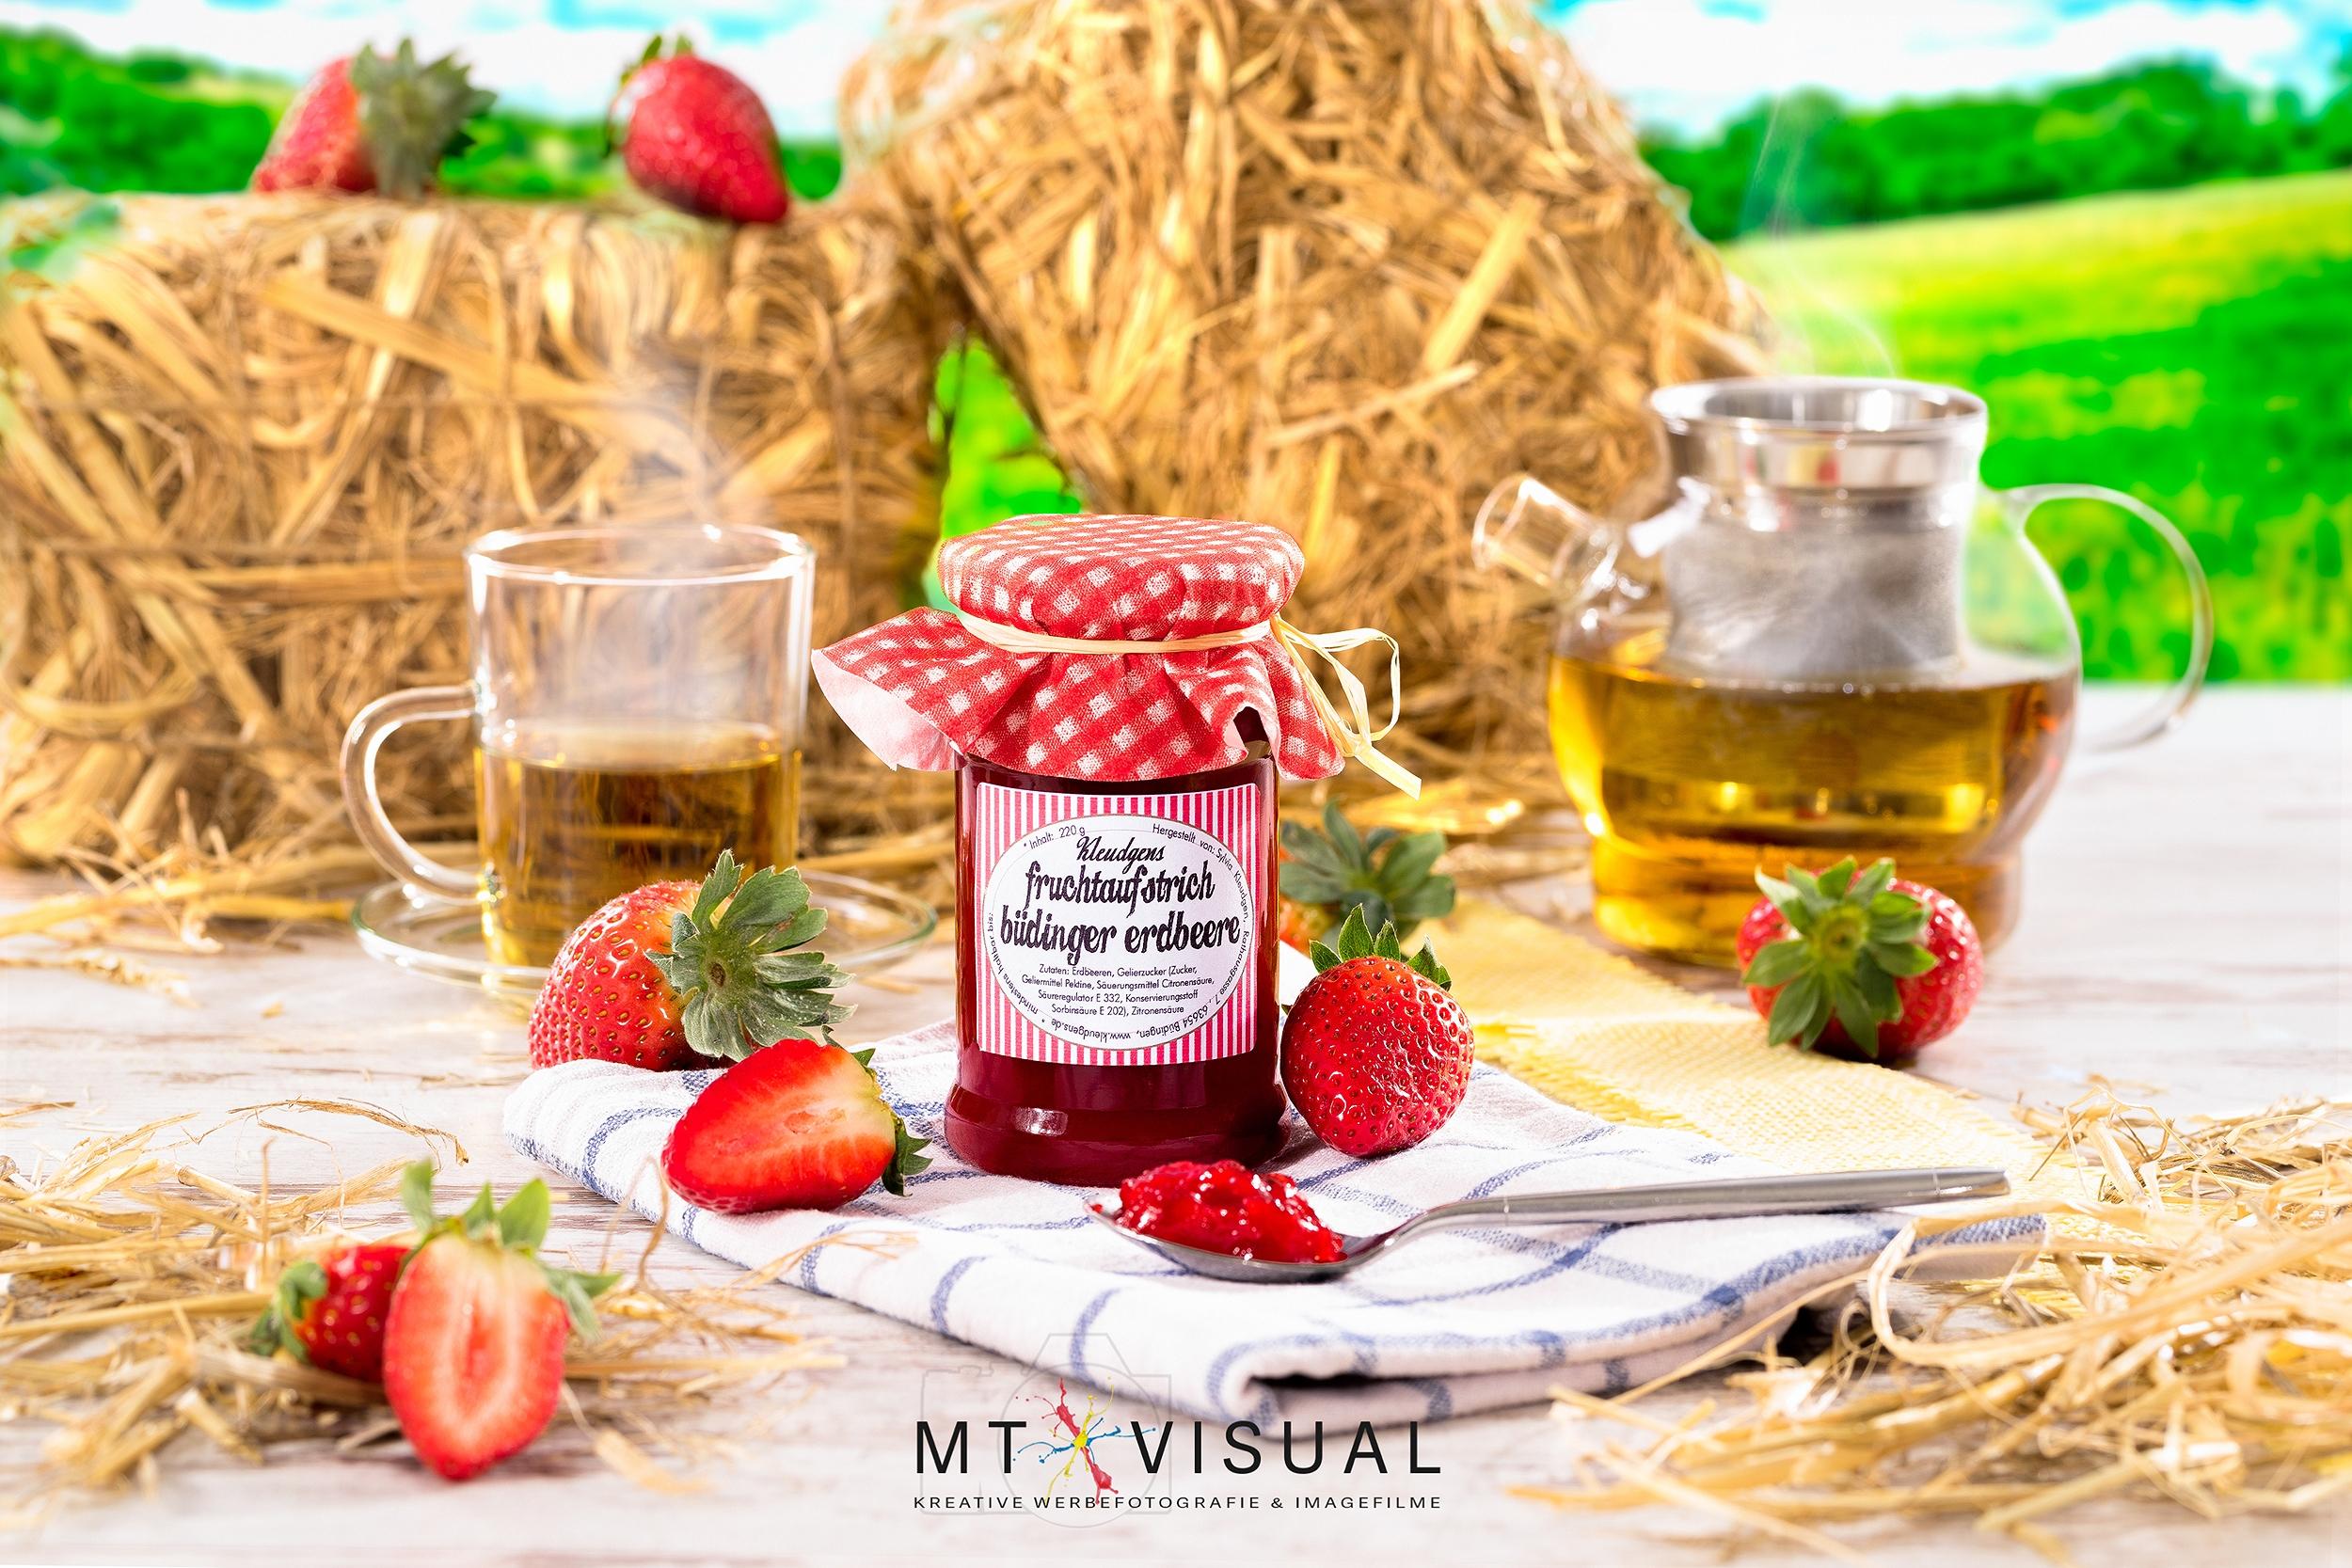 Kleudgens Fruchtaufstrich - Erdbeer (Klein_Logo)-1.jpg